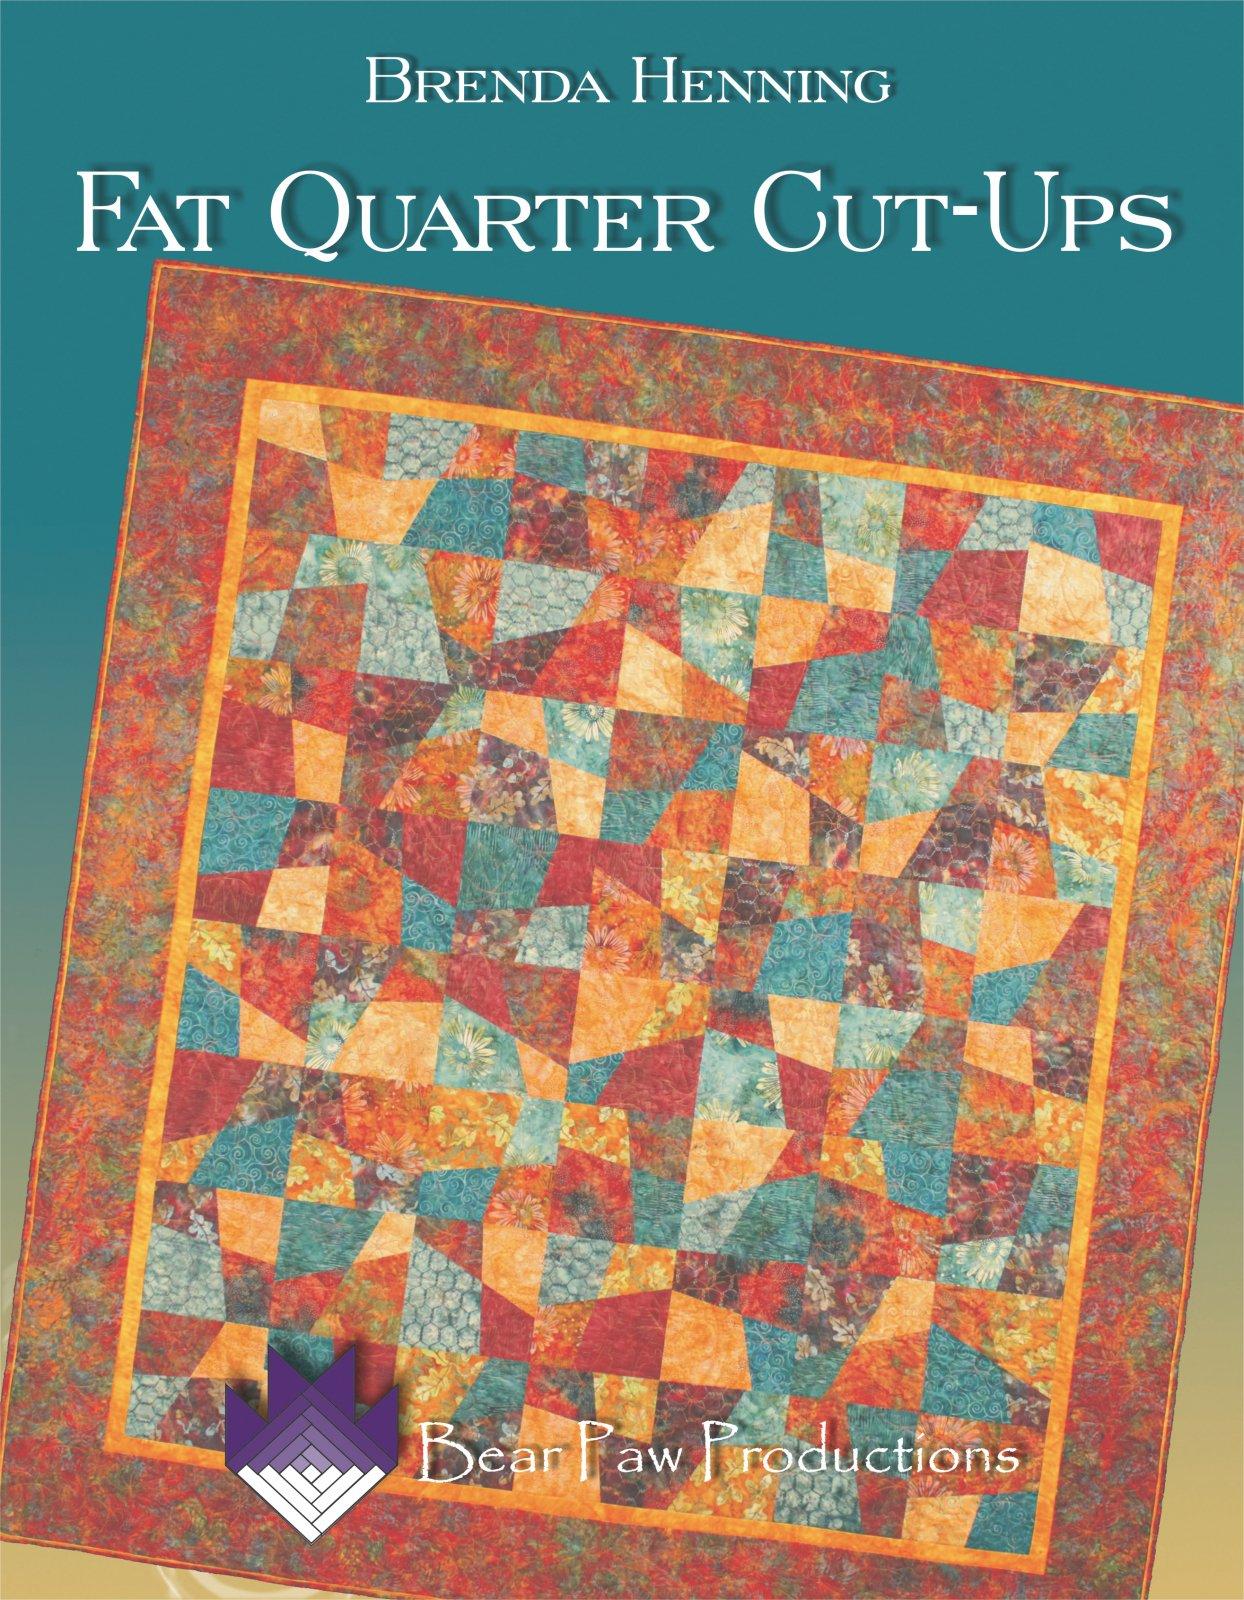 Fat Quarter Cut-Ups